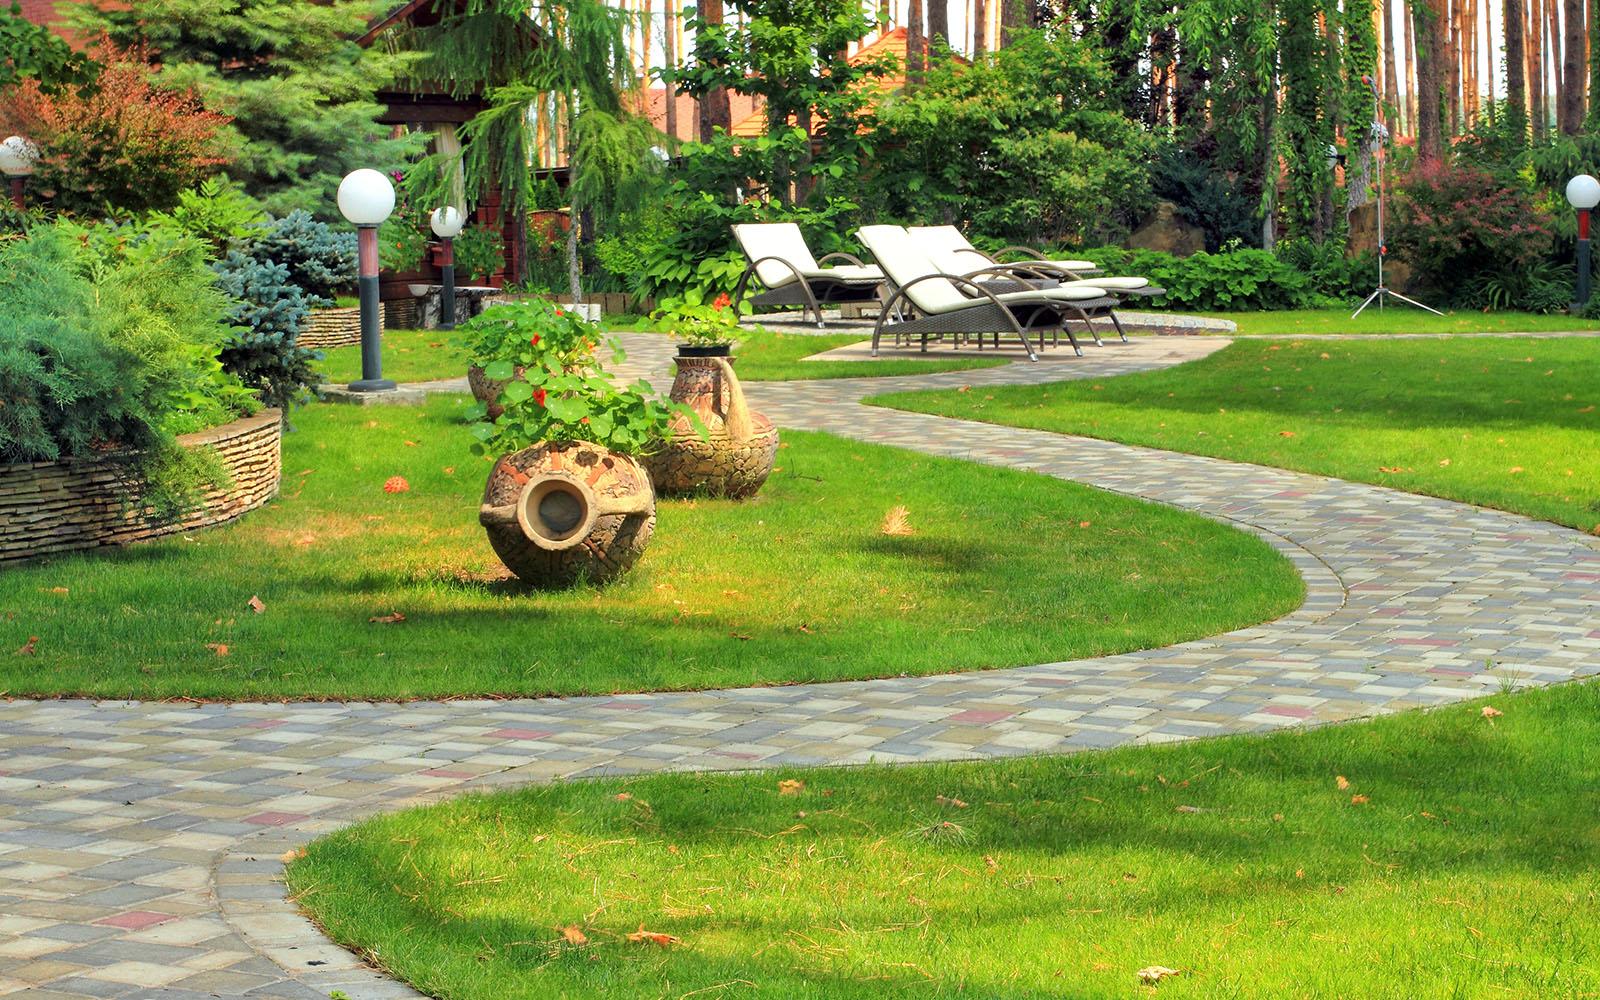 galabau 4 you das garten und landschaftsbau portal suchen und finden sie gartenbau teichbau. Black Bedroom Furniture Sets. Home Design Ideas